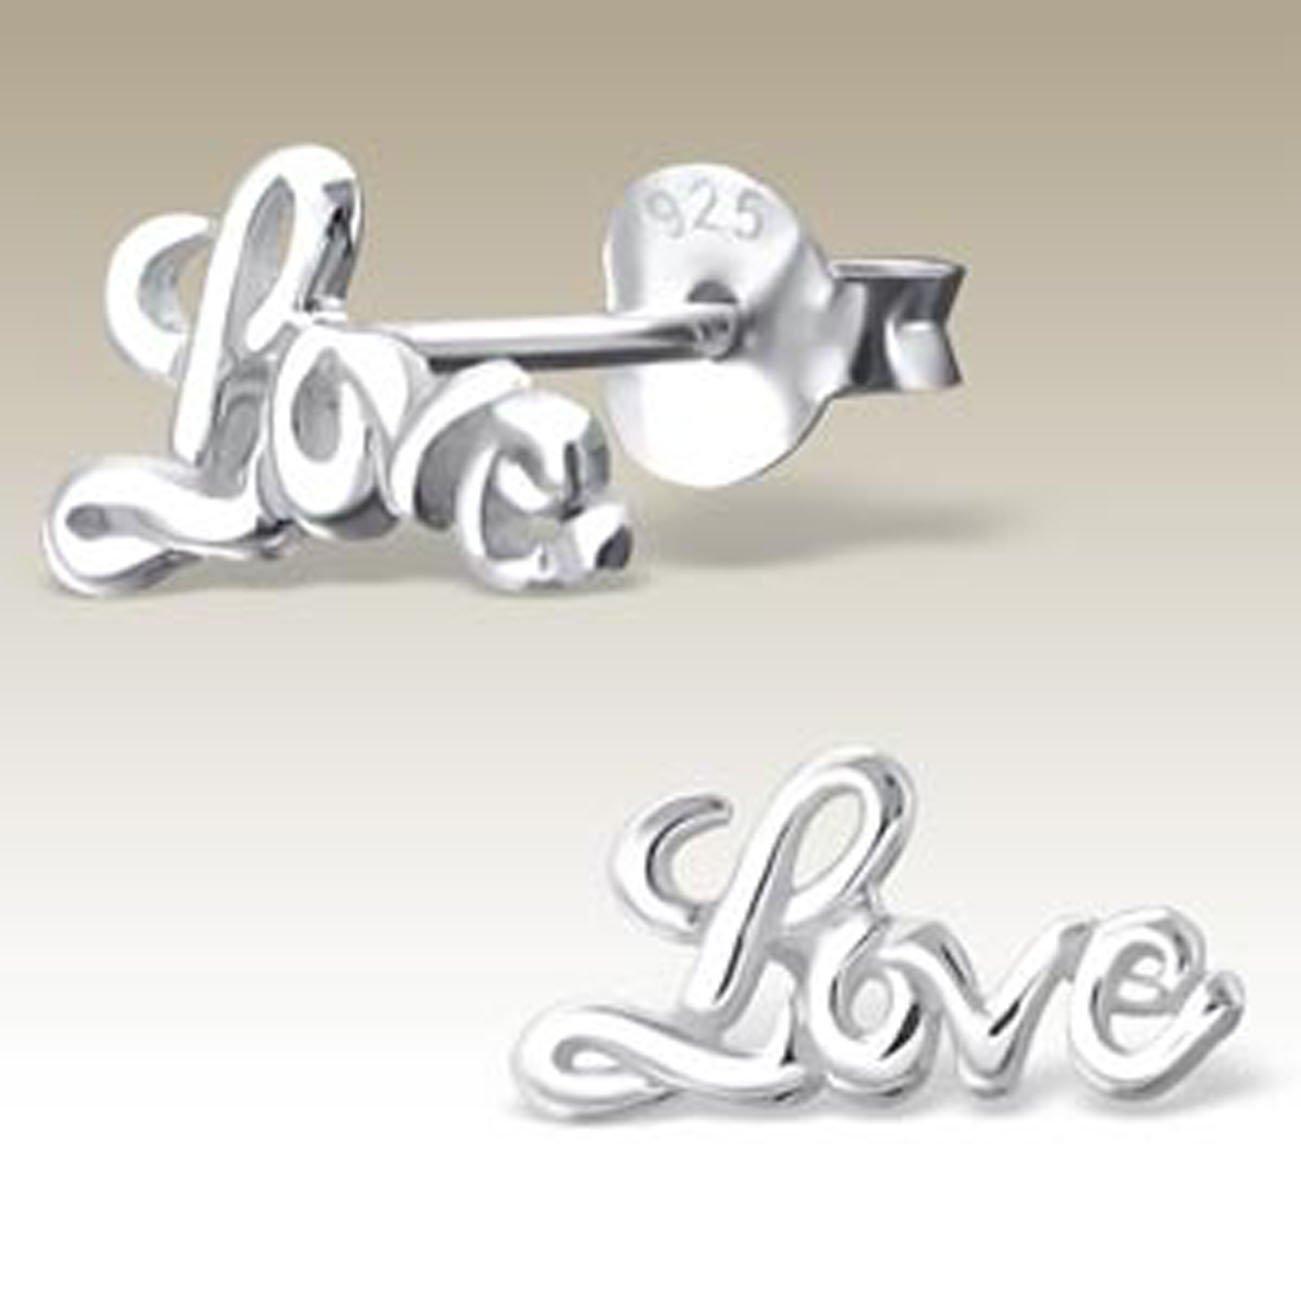 Love Earrings Word Stud, Stering Silver 925 (E17410)